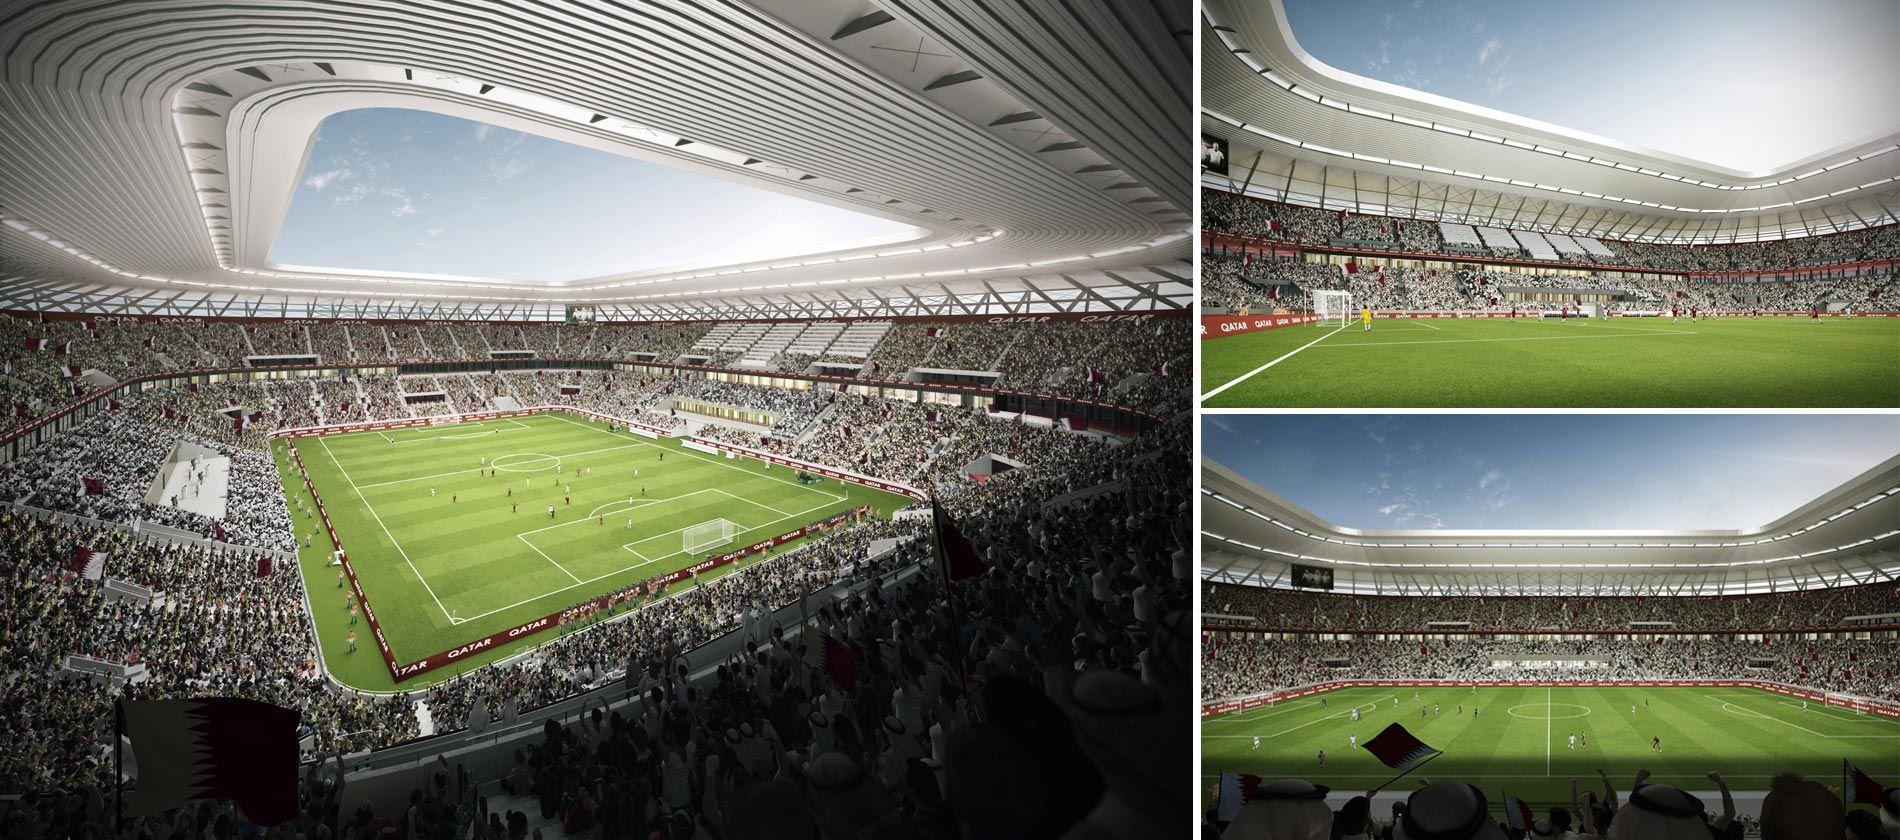 El interior no se distingue de los estadios construidos de forma convencional.